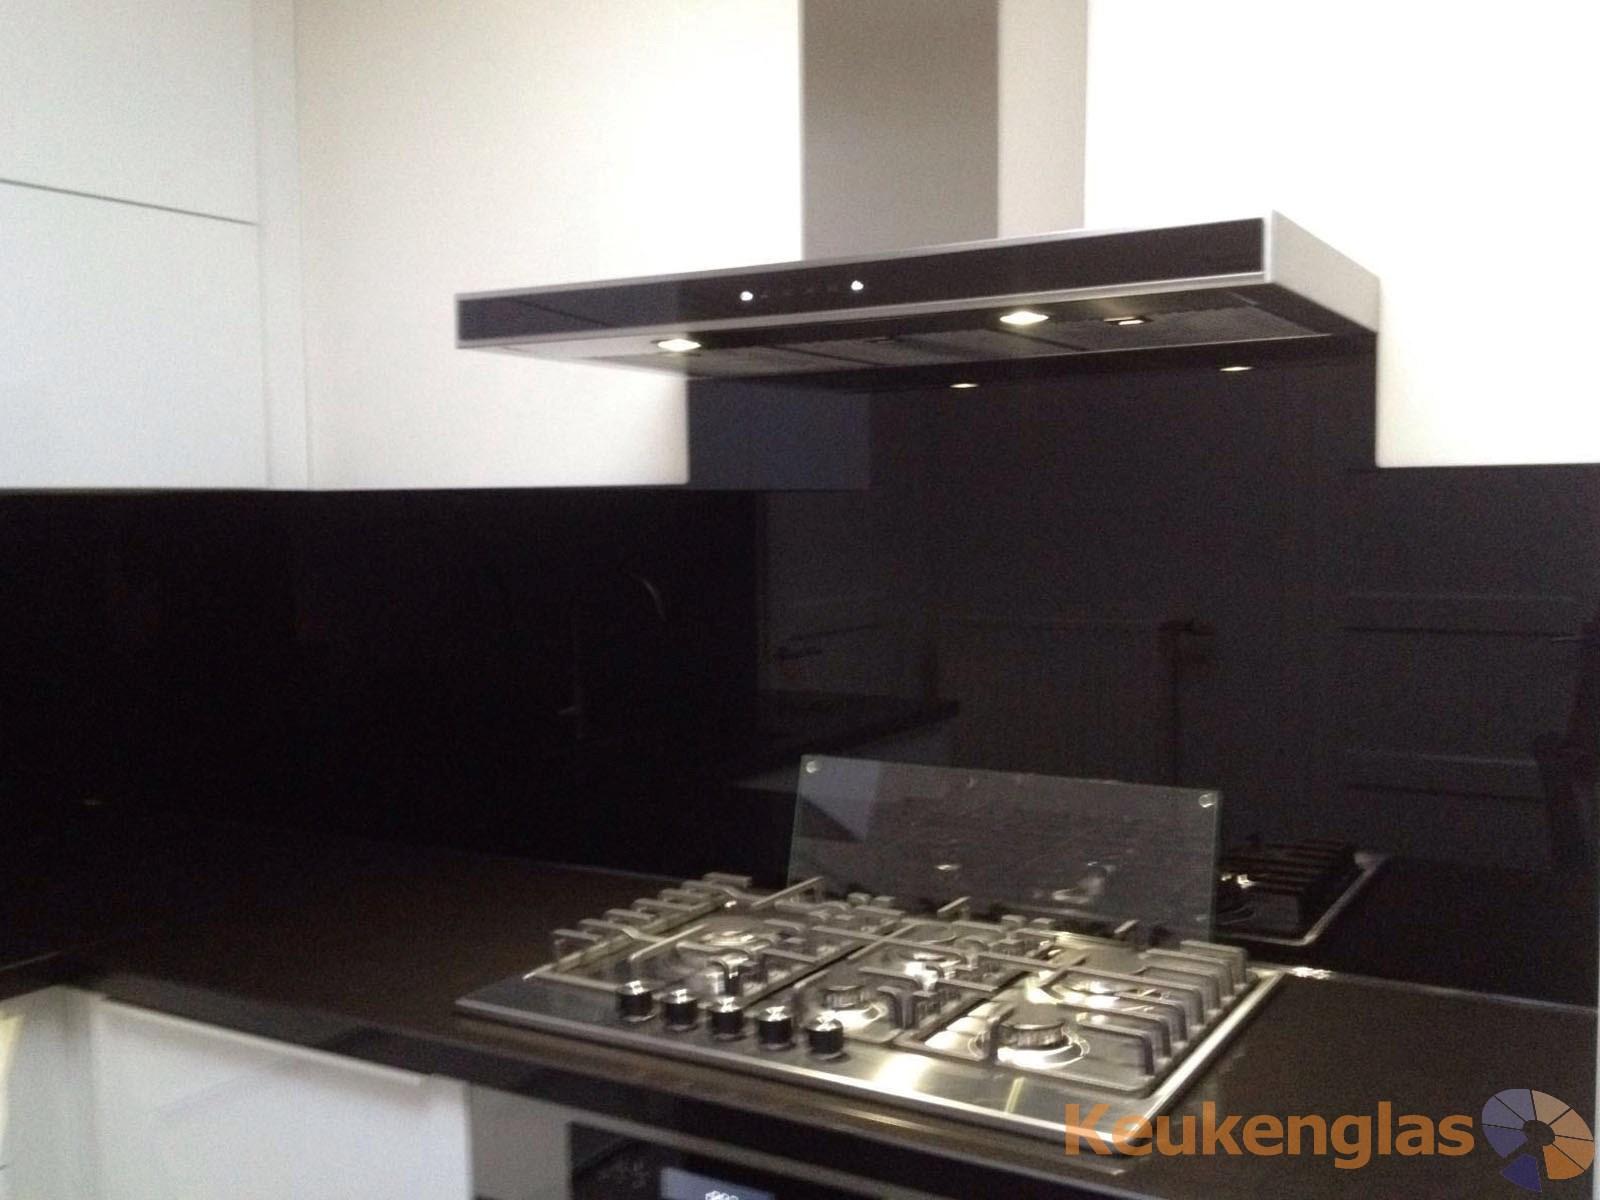 Glazen keukenwand RAL 9005 Maaskantje